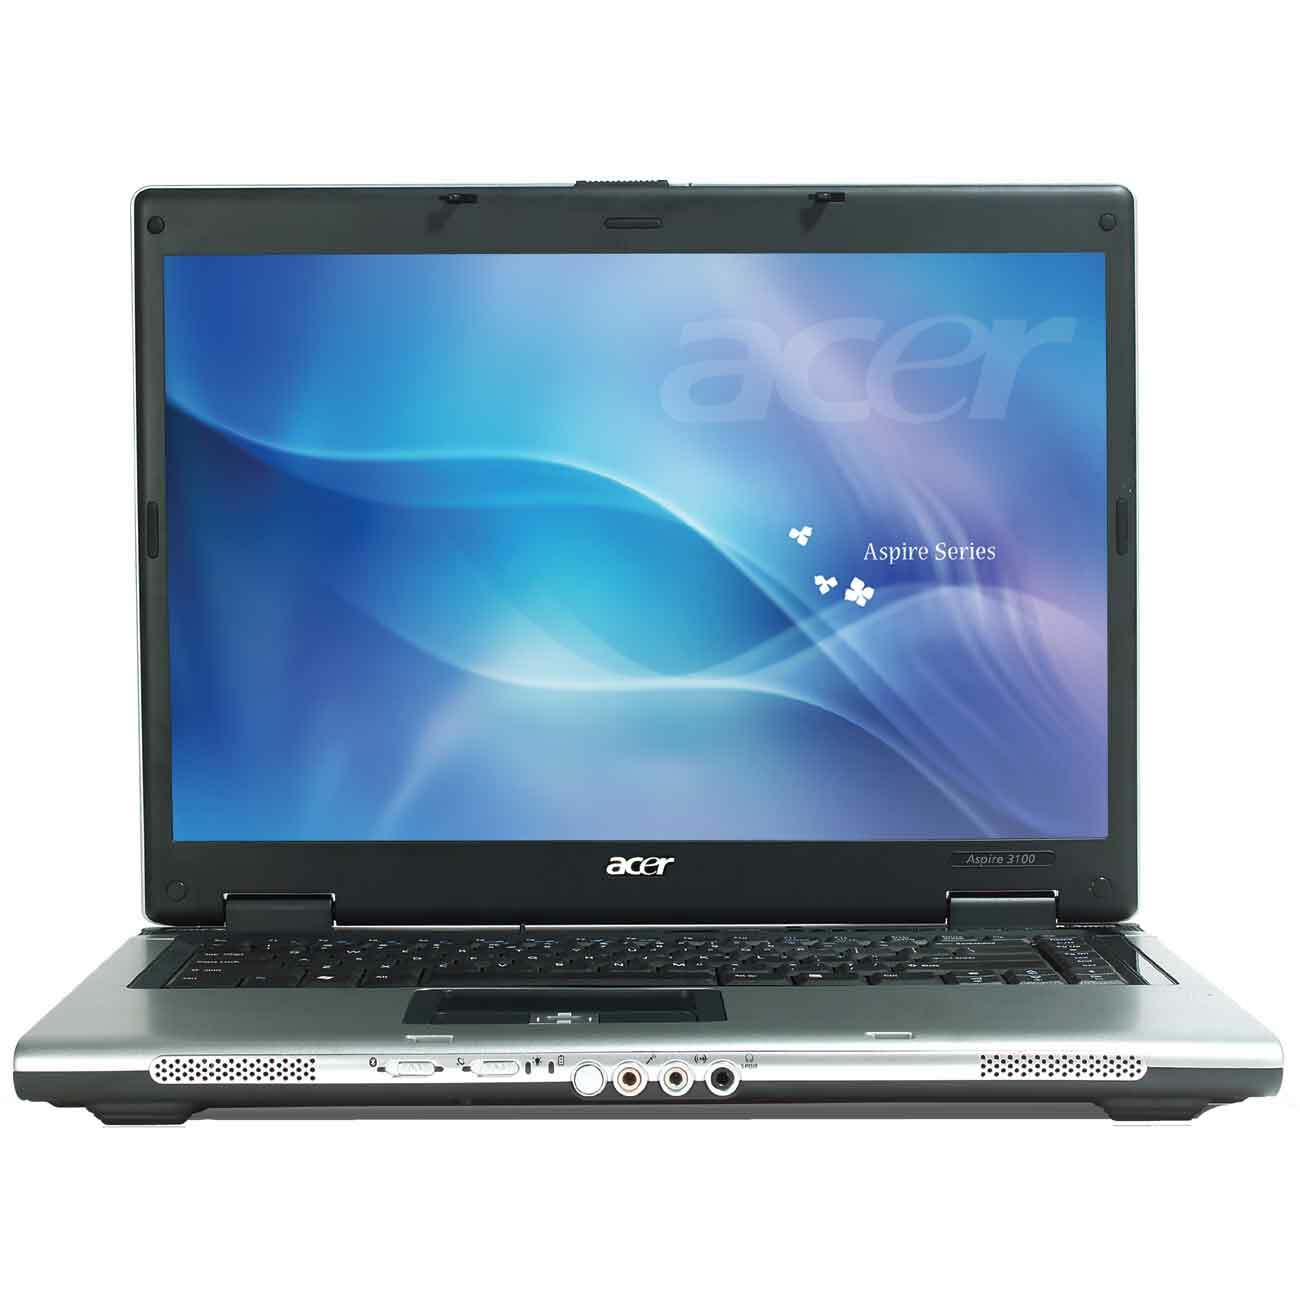 Acer Extensa 5410 Notebook ATI Display Drivers Windows XP